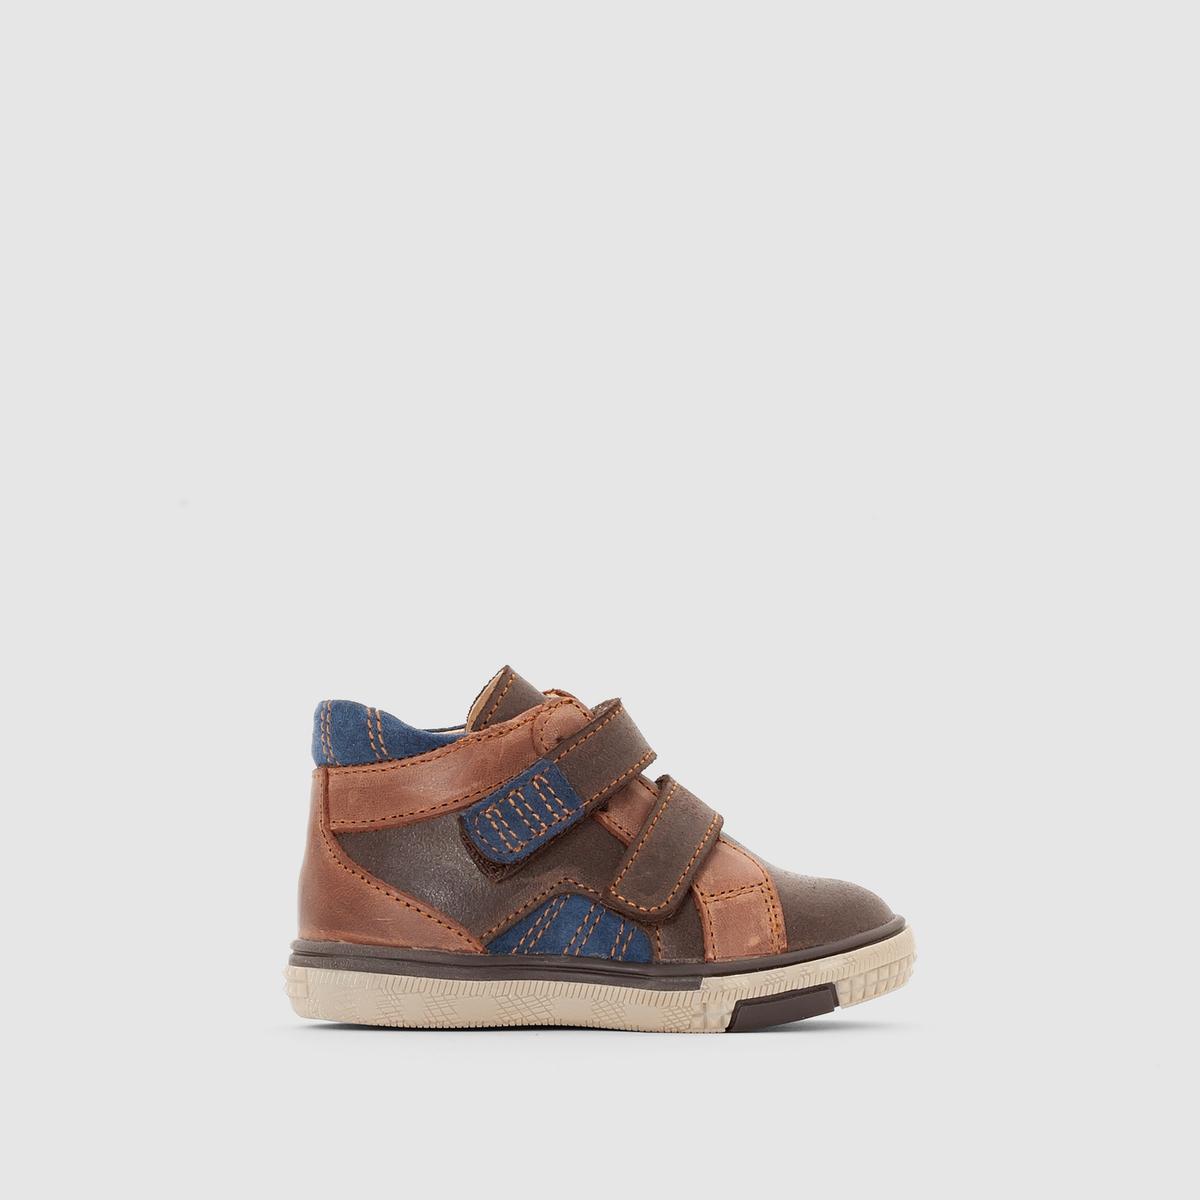 Ботинки из кожи на планке-велкроПреимущества : ботинки abcd'R в стиле нео-ретро с супер практичной застежкой на липучке, невероятно удобные при носке .<br><br>Цвет: каштановый<br>Размер: 21